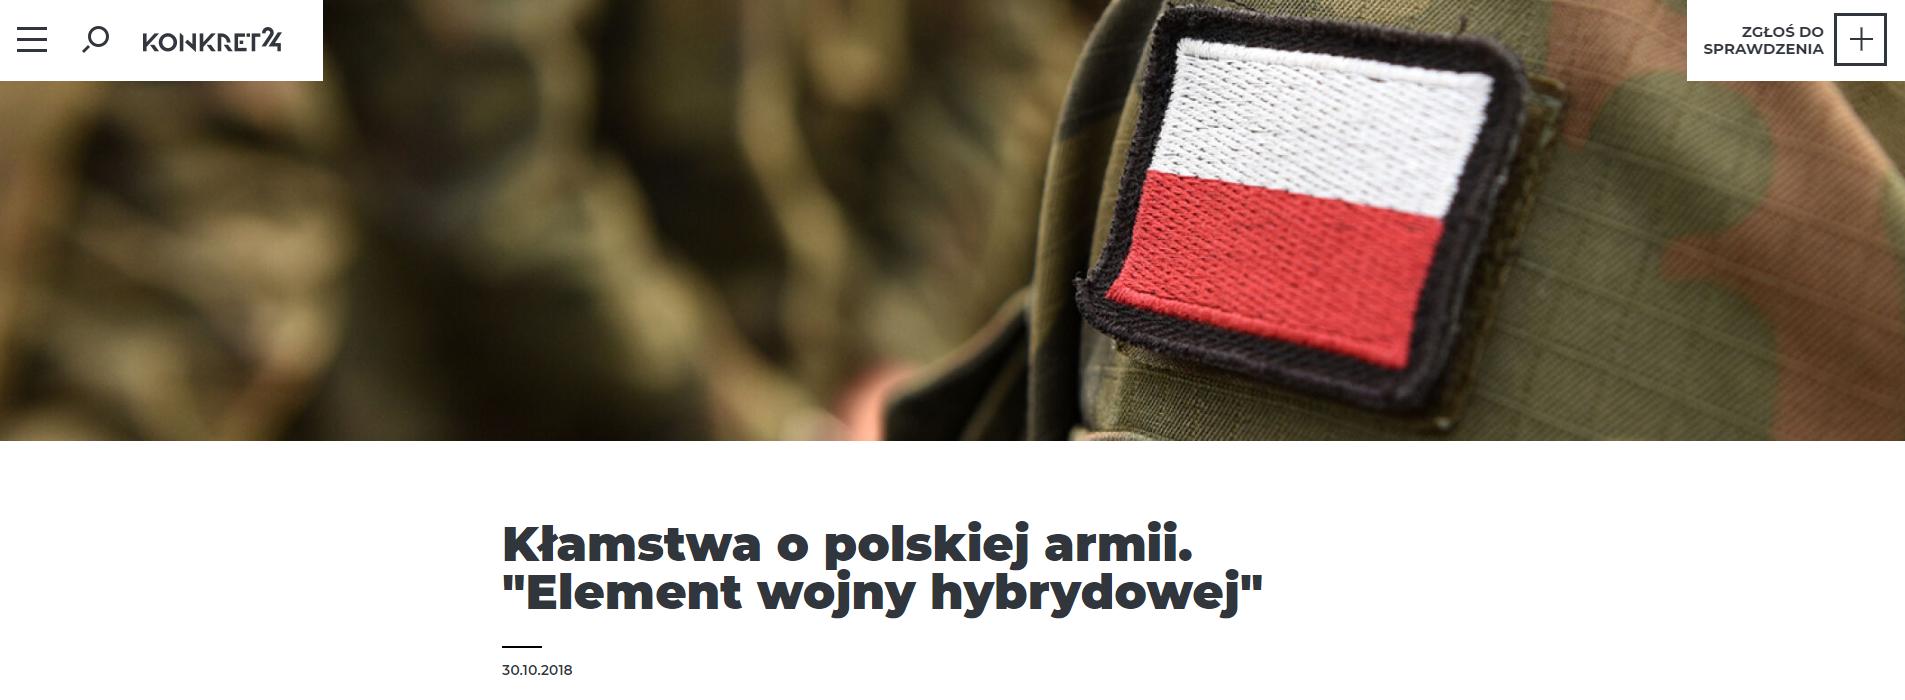 Nasz artykuł o nieprawdziwych słowach litewskiego wojskowego